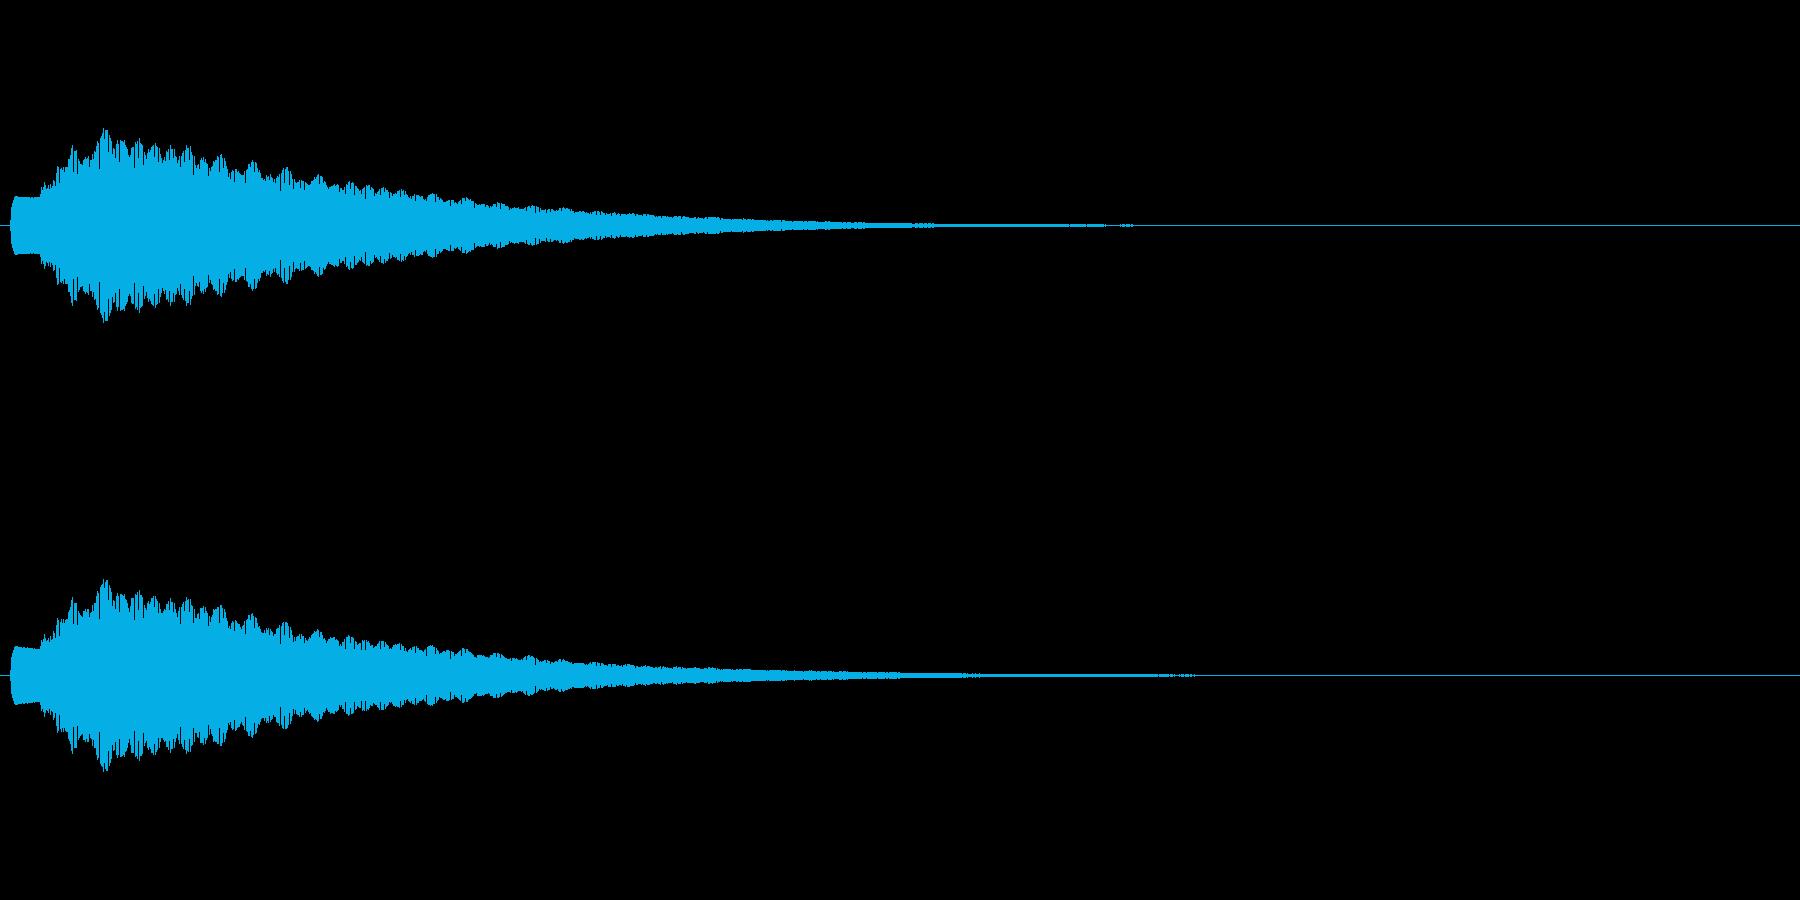 チャリーン・コイン・ひらめきの再生済みの波形